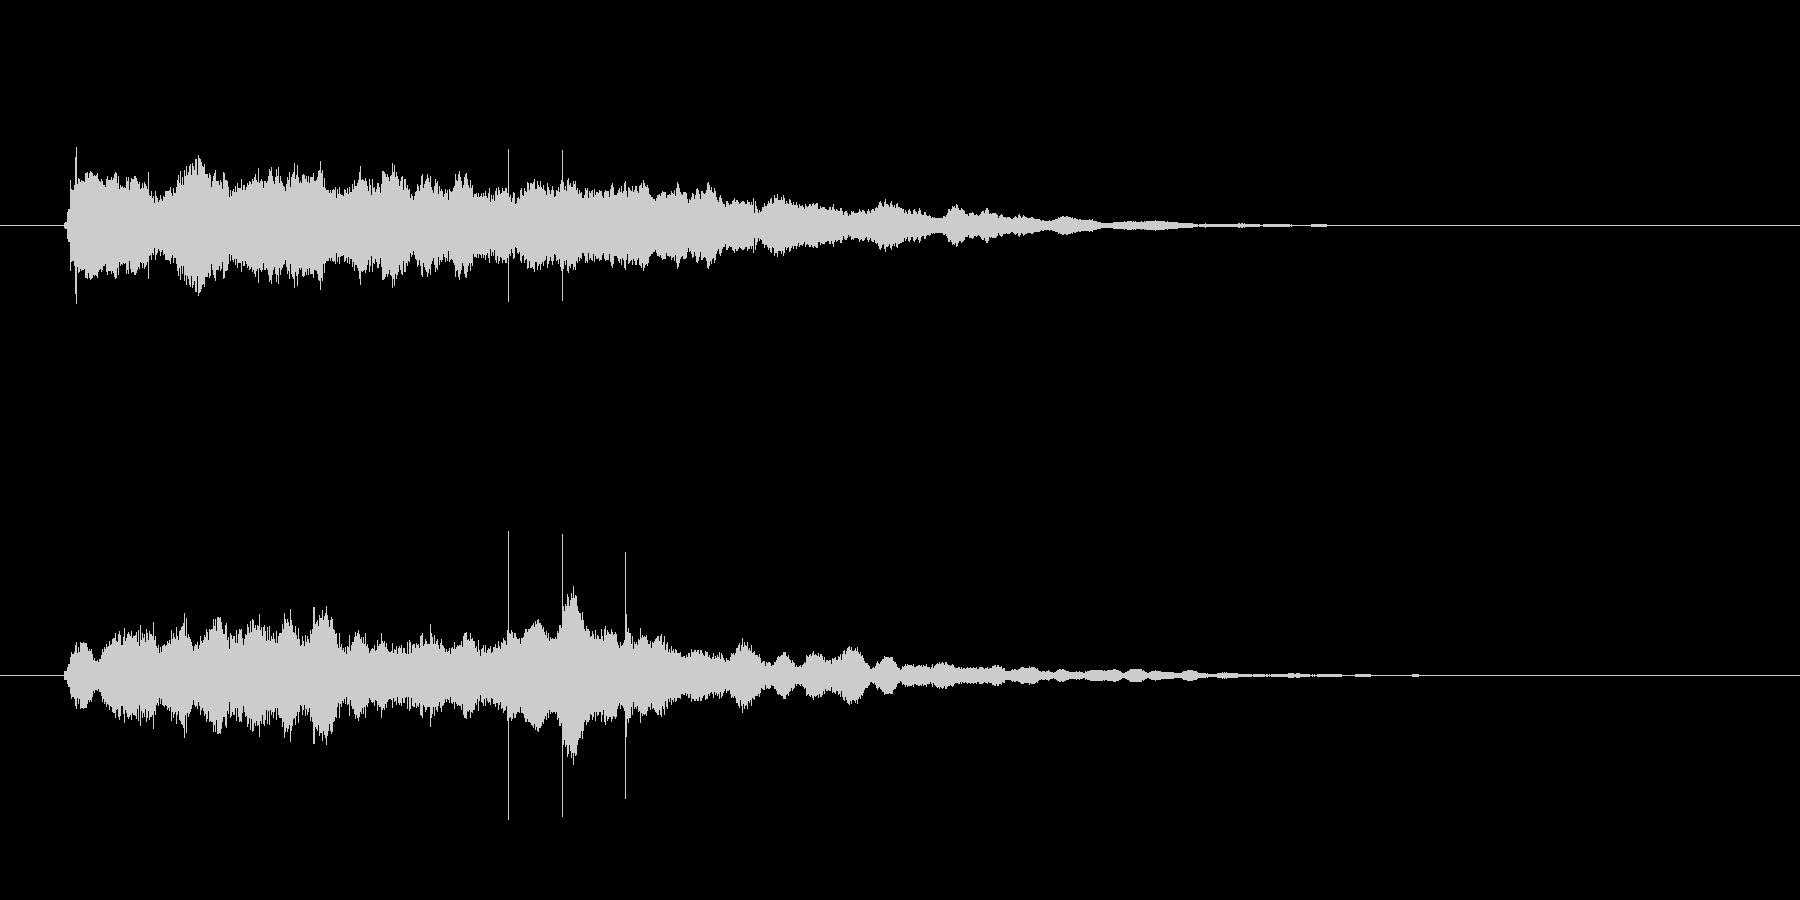 最後に企業名が出た時のサウンドロゴ02の未再生の波形